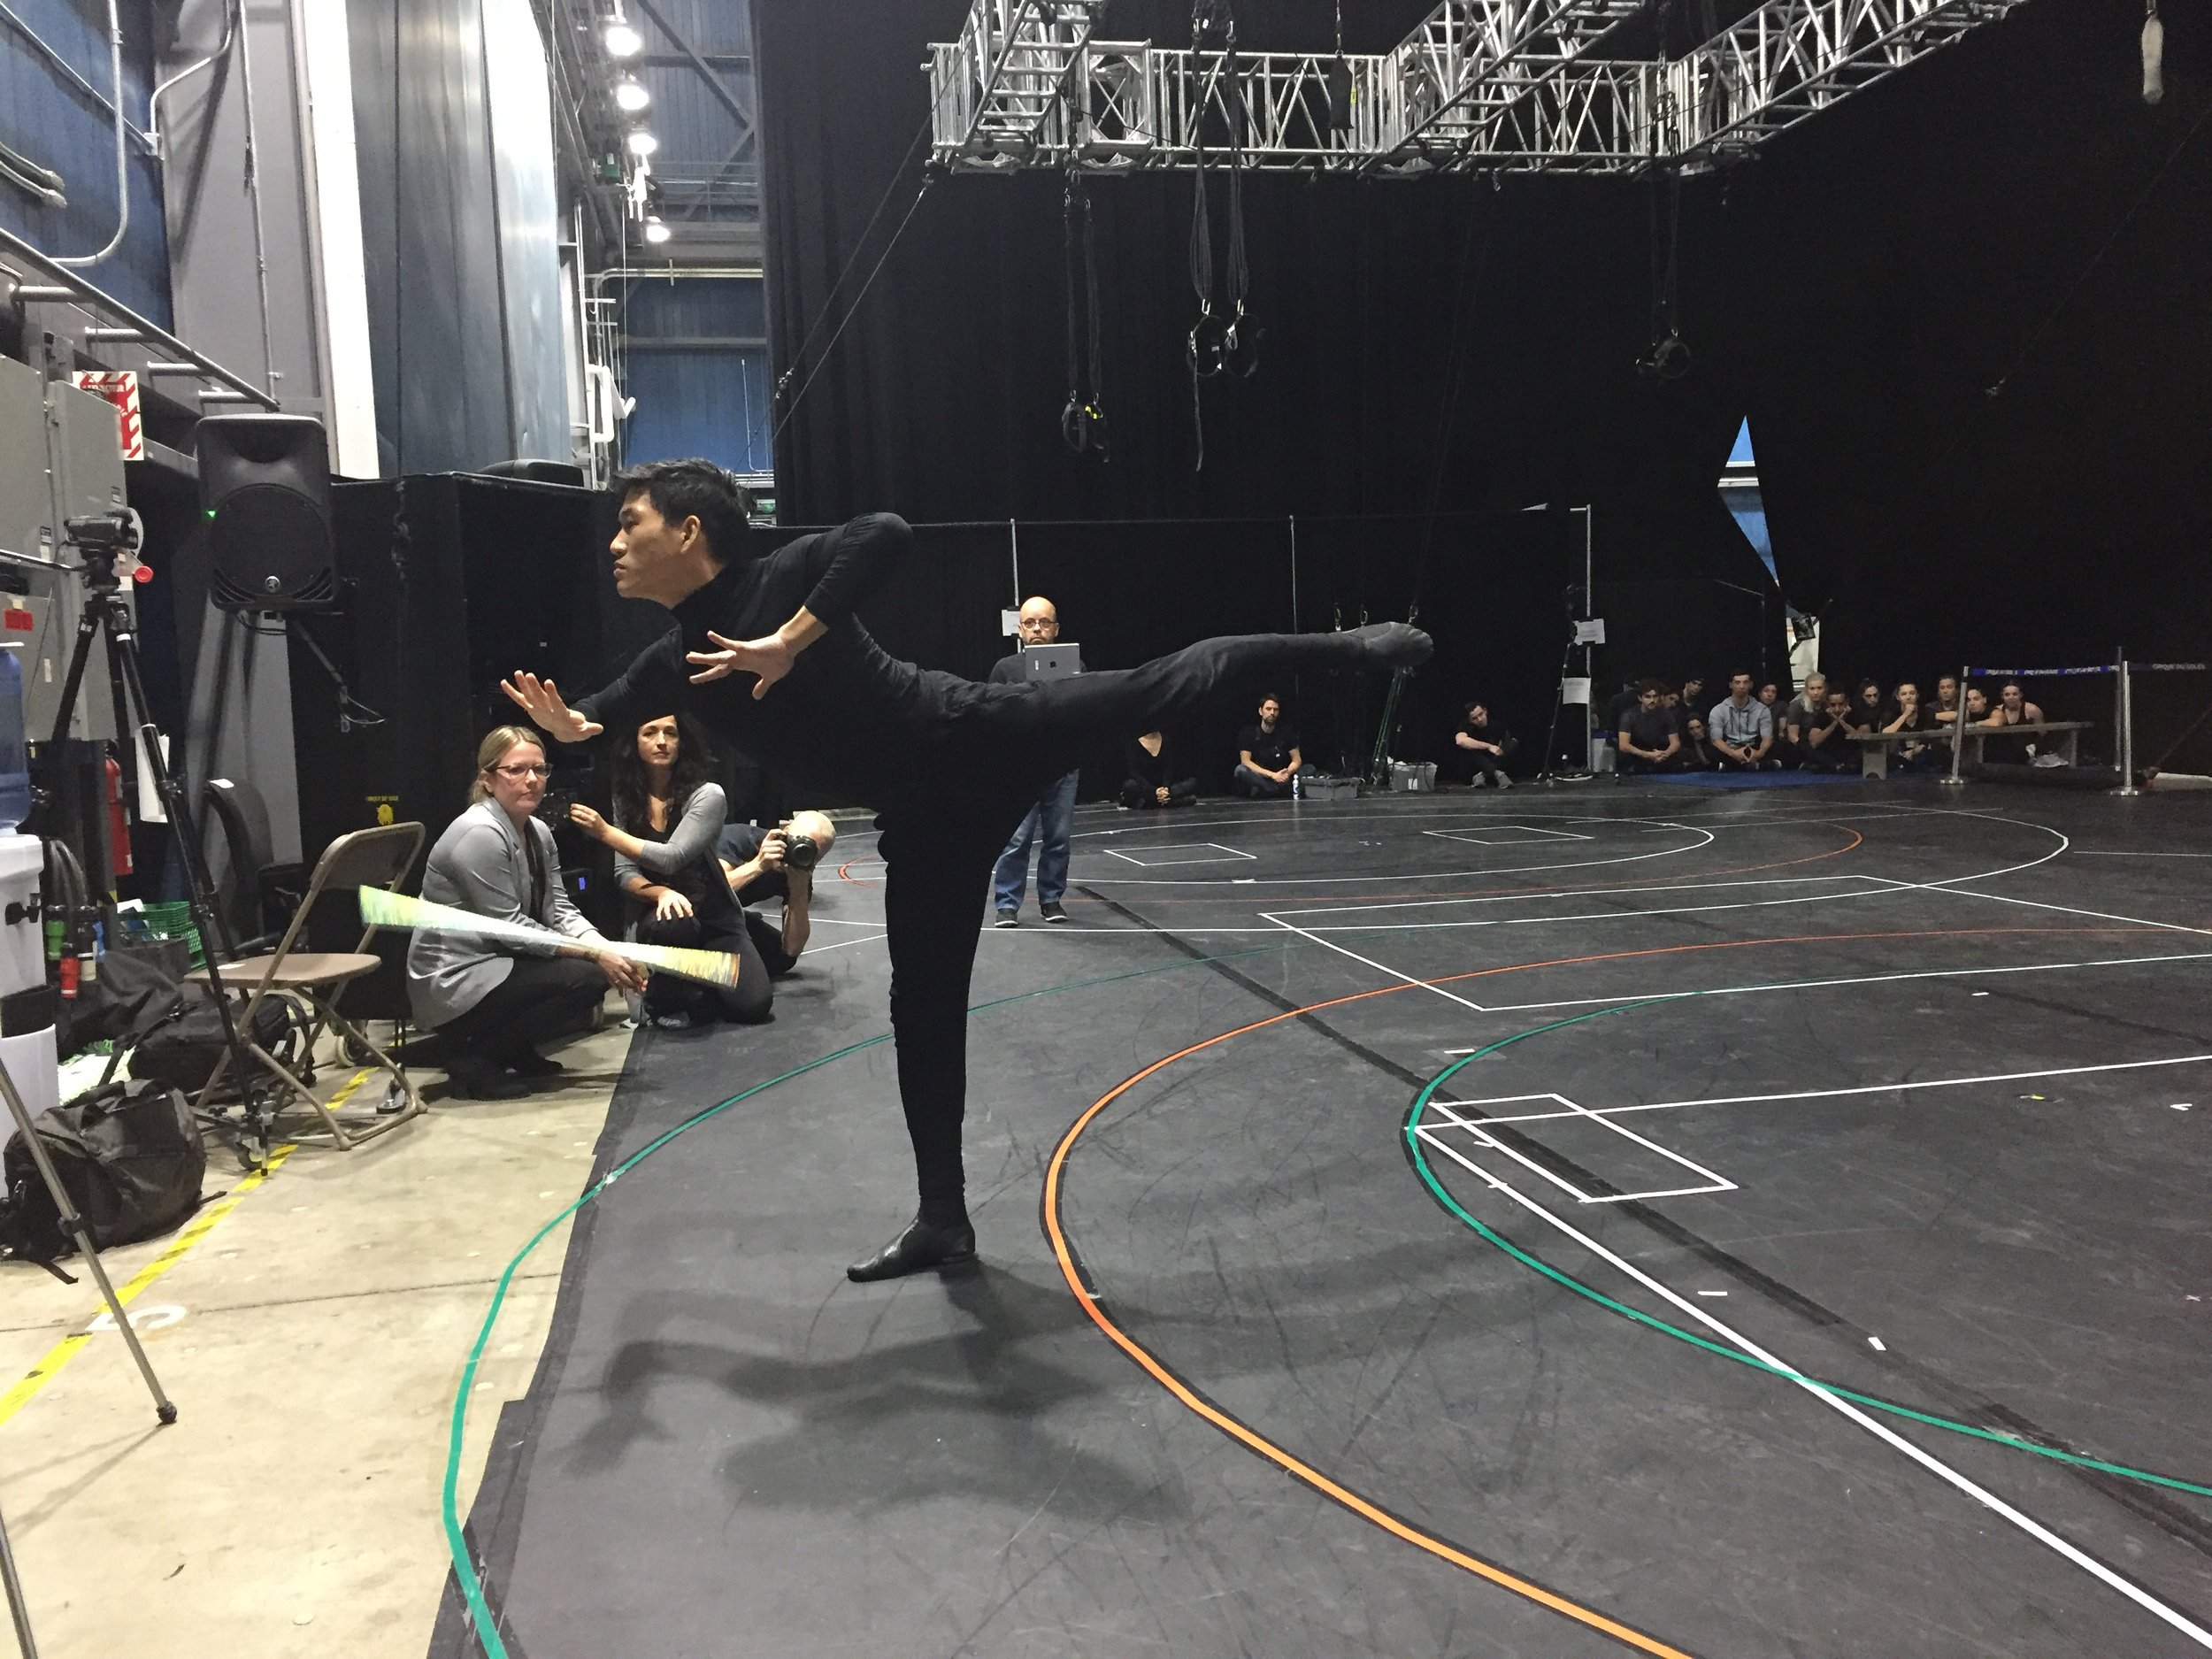 cirque du soleil dance rehearsal.JPG